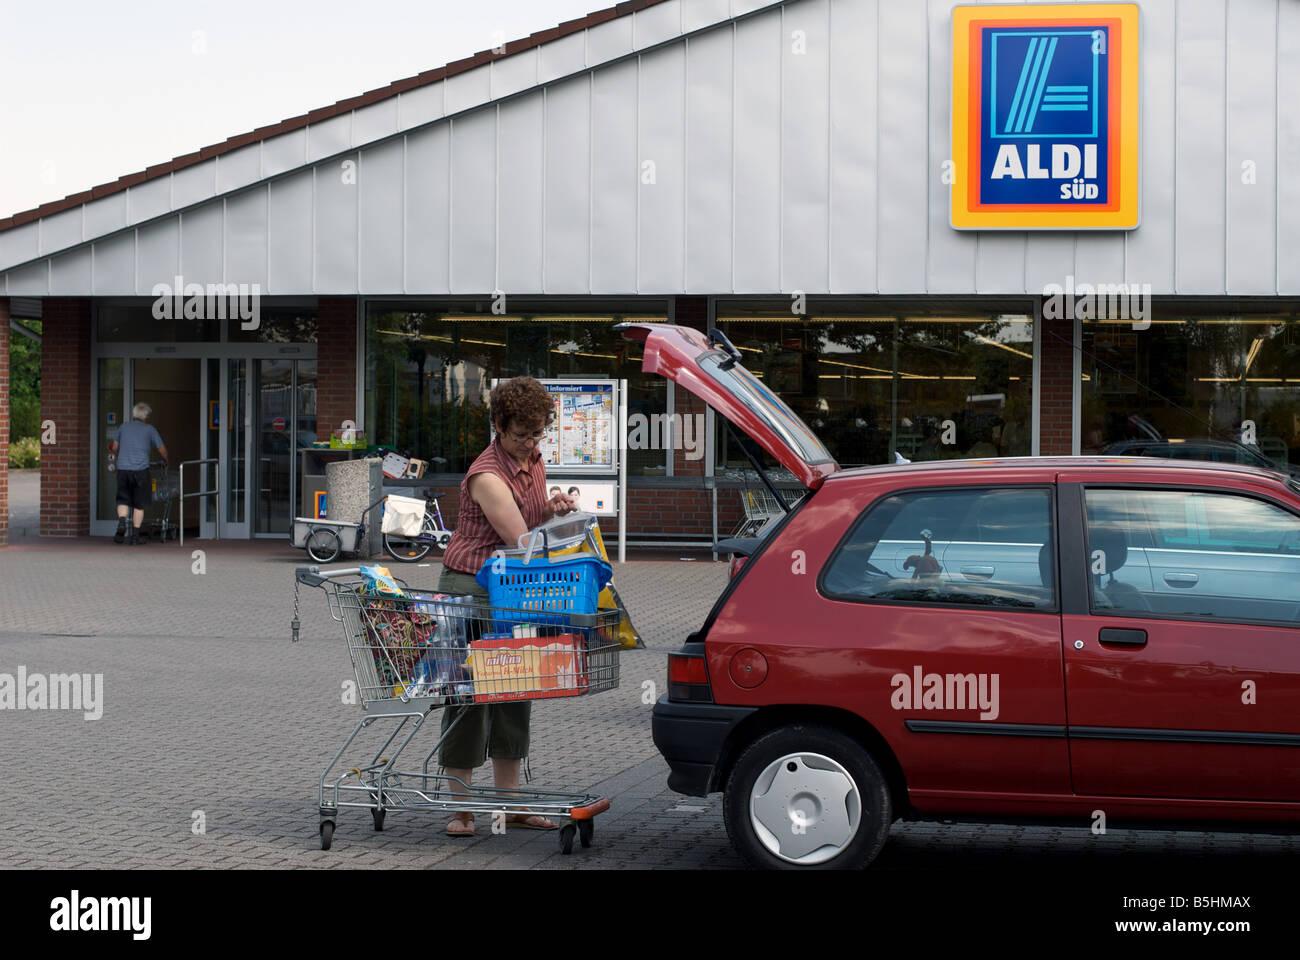 Auto Kühlschrank Aldi : Aldi und lidl stoppen verkauf von energydrinks an kinder